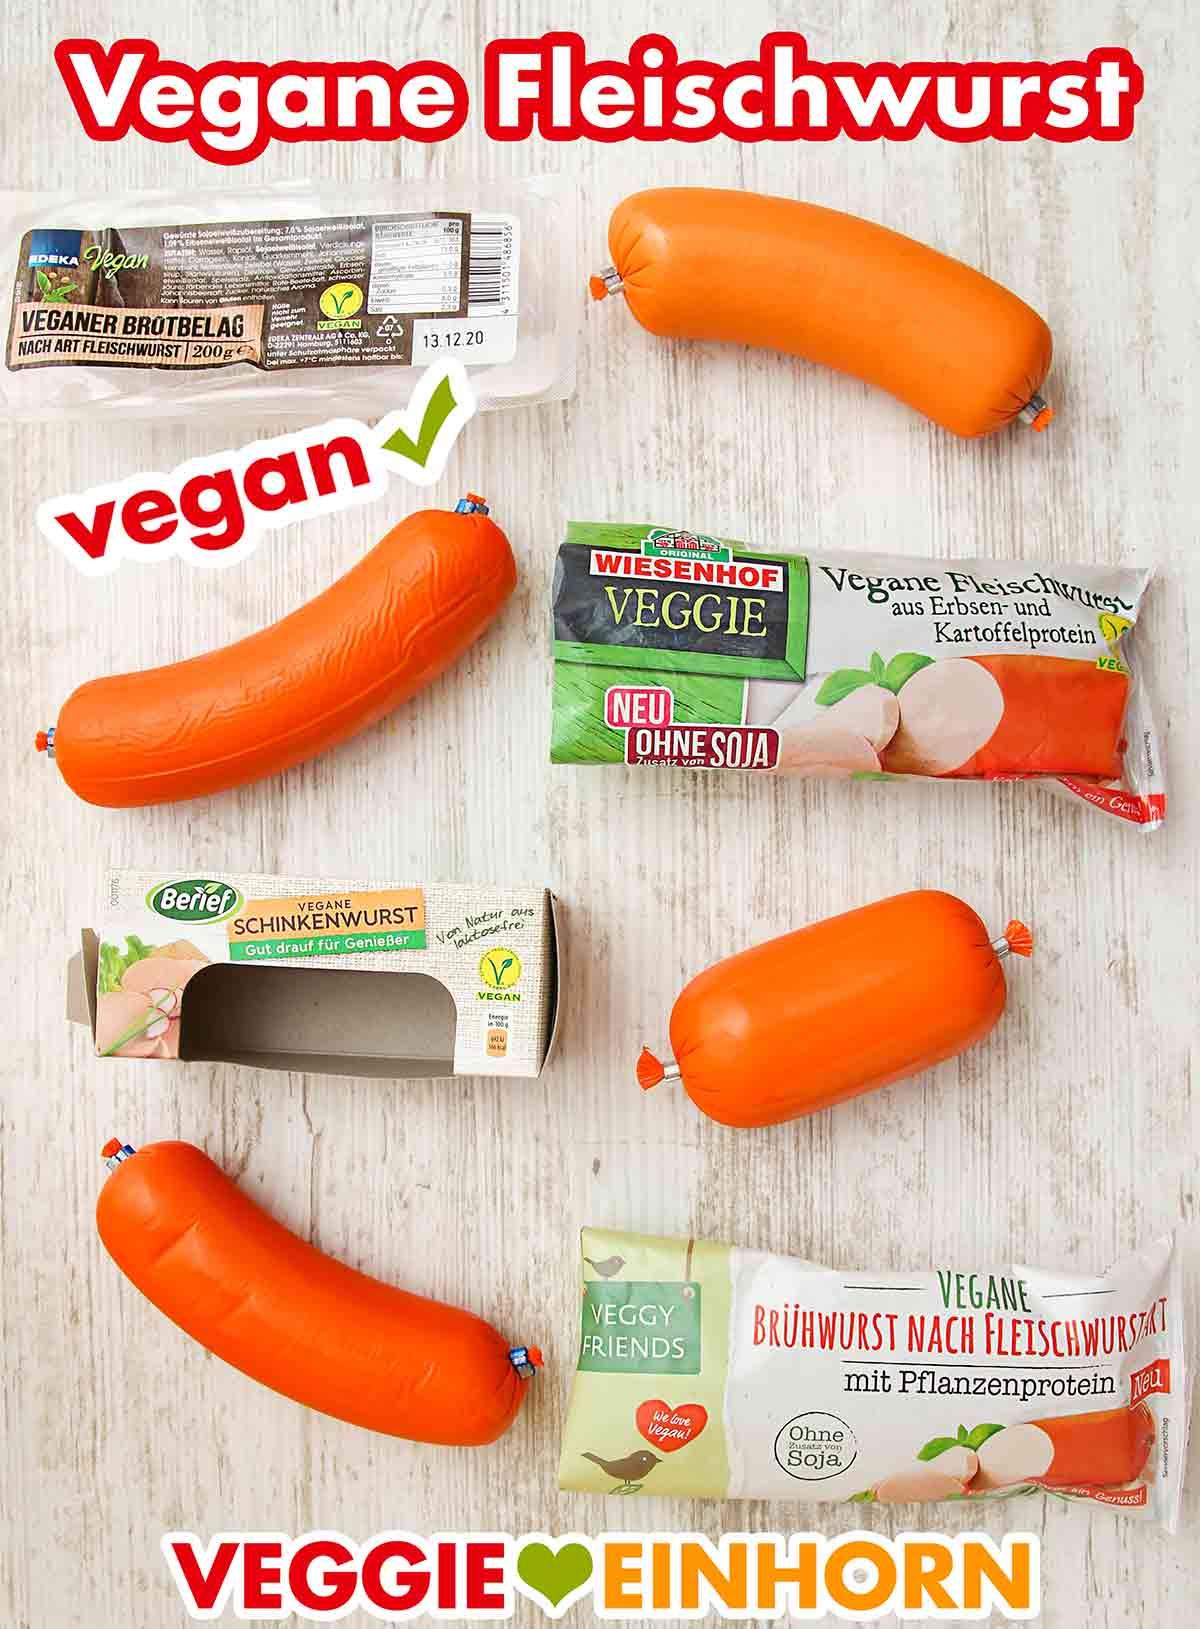 Packungen mit veganer Fleischwurst